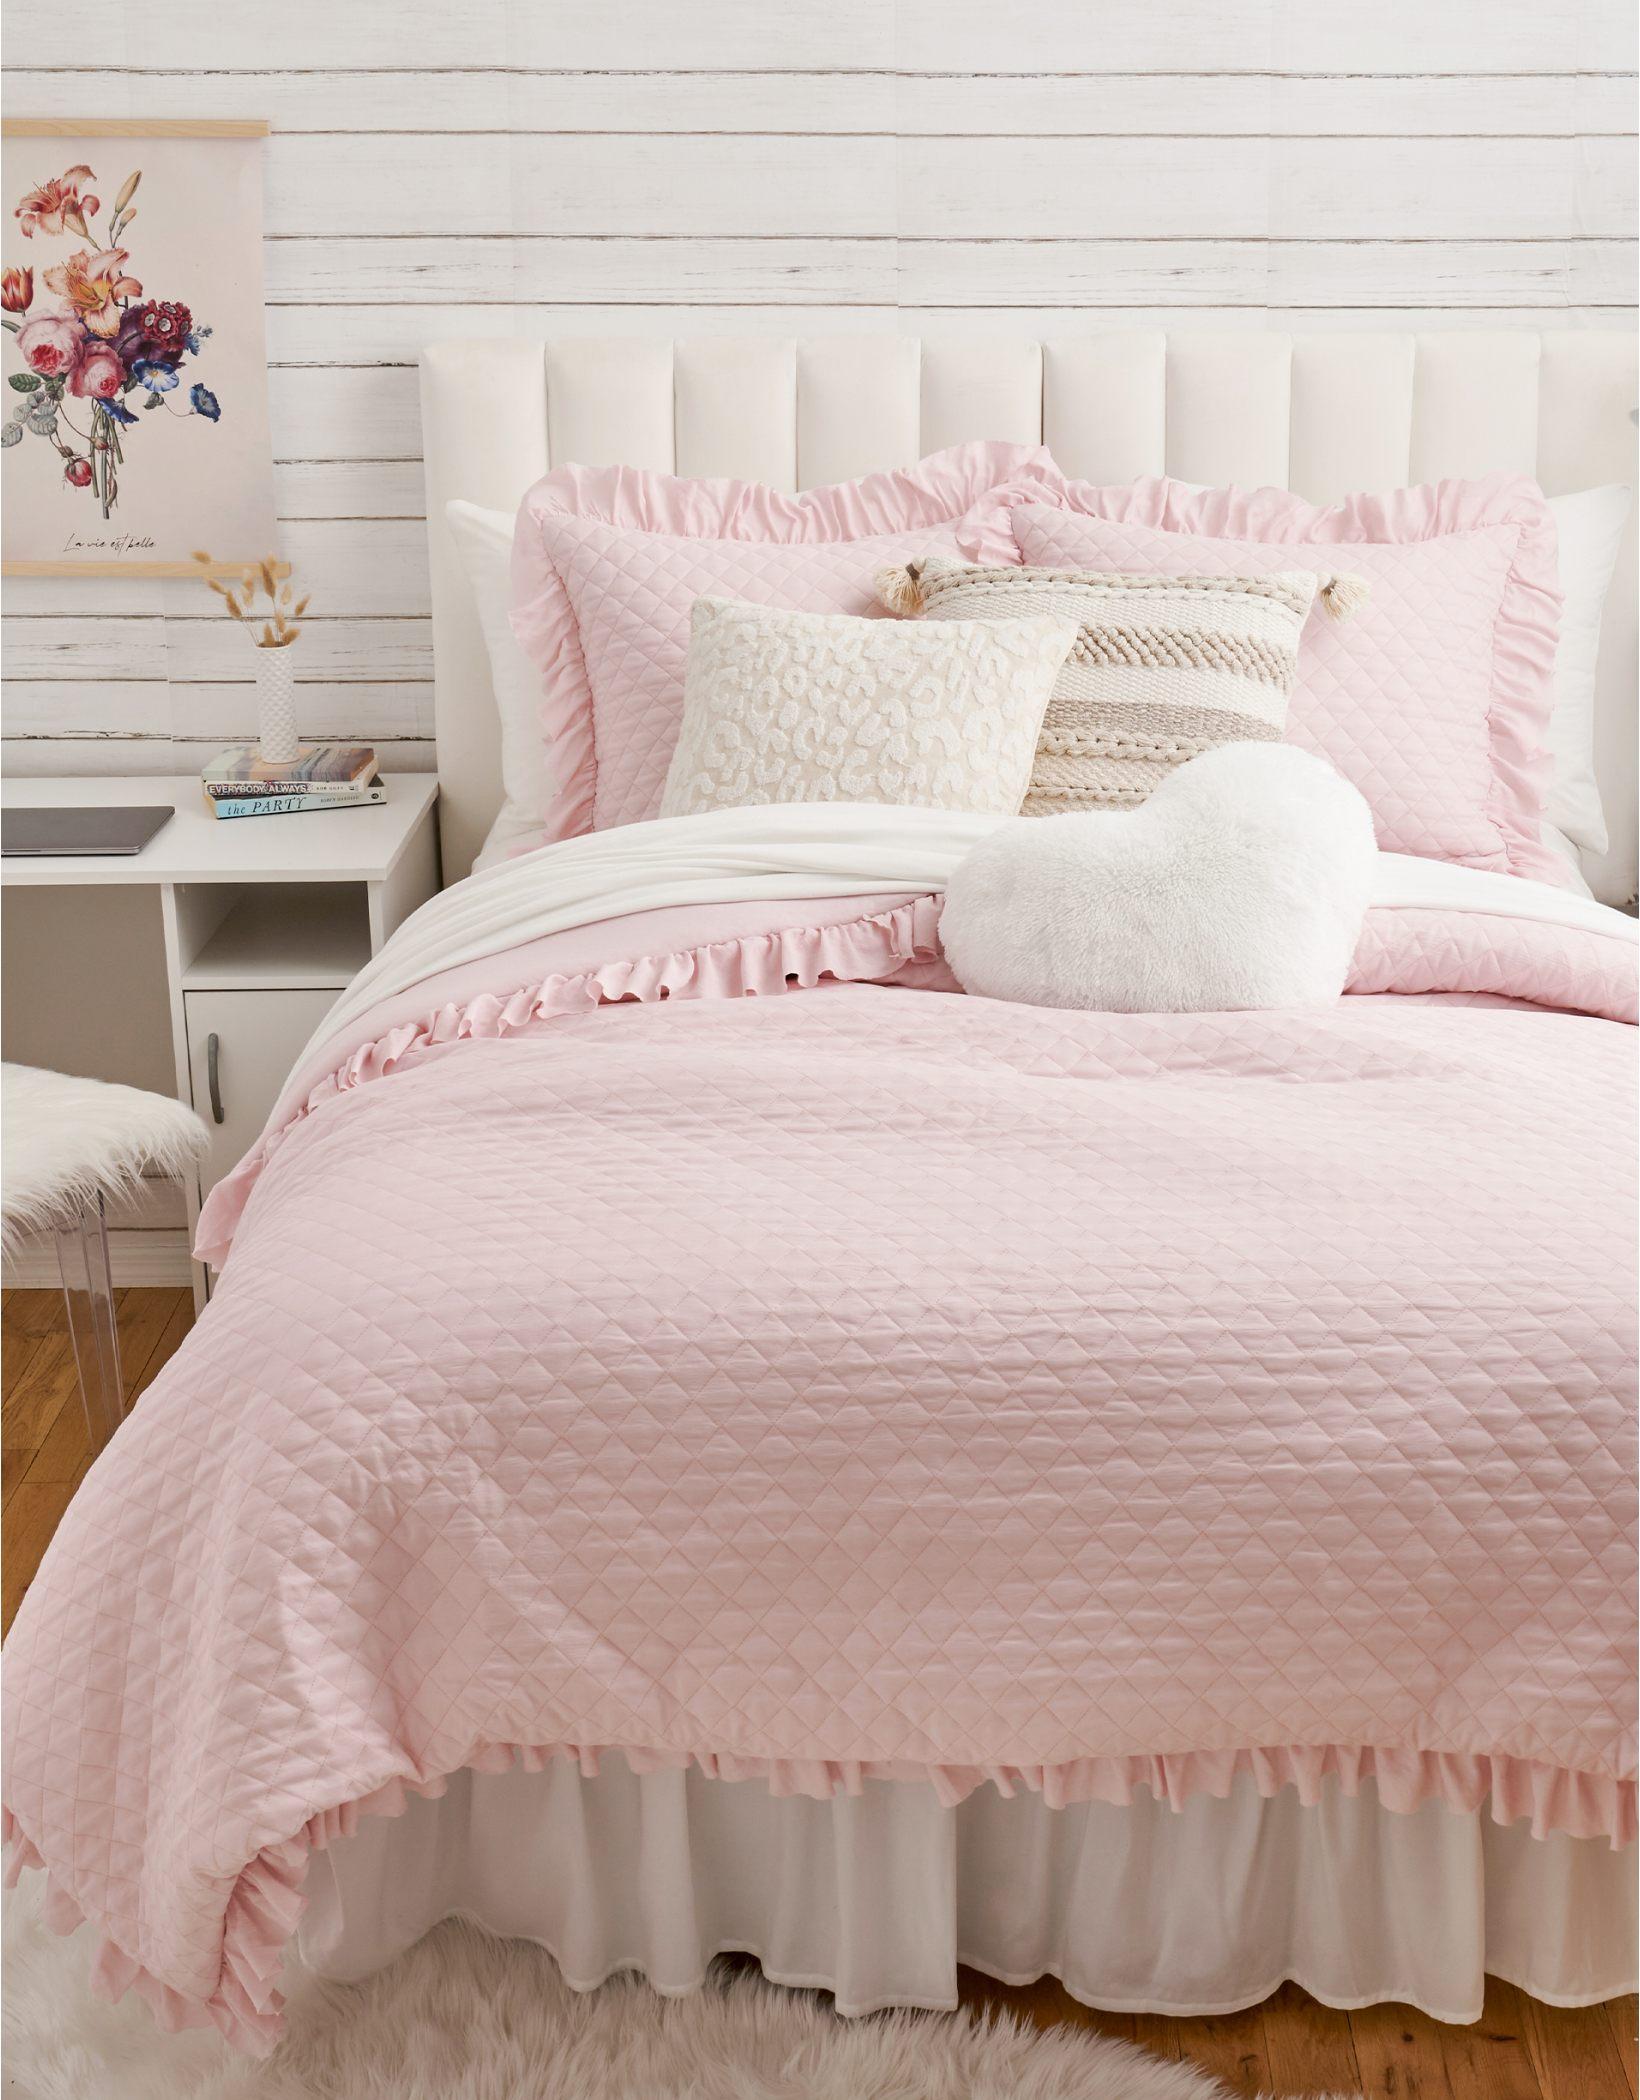 Dormify Ruffled Edge Queen Comforter & Sham Set